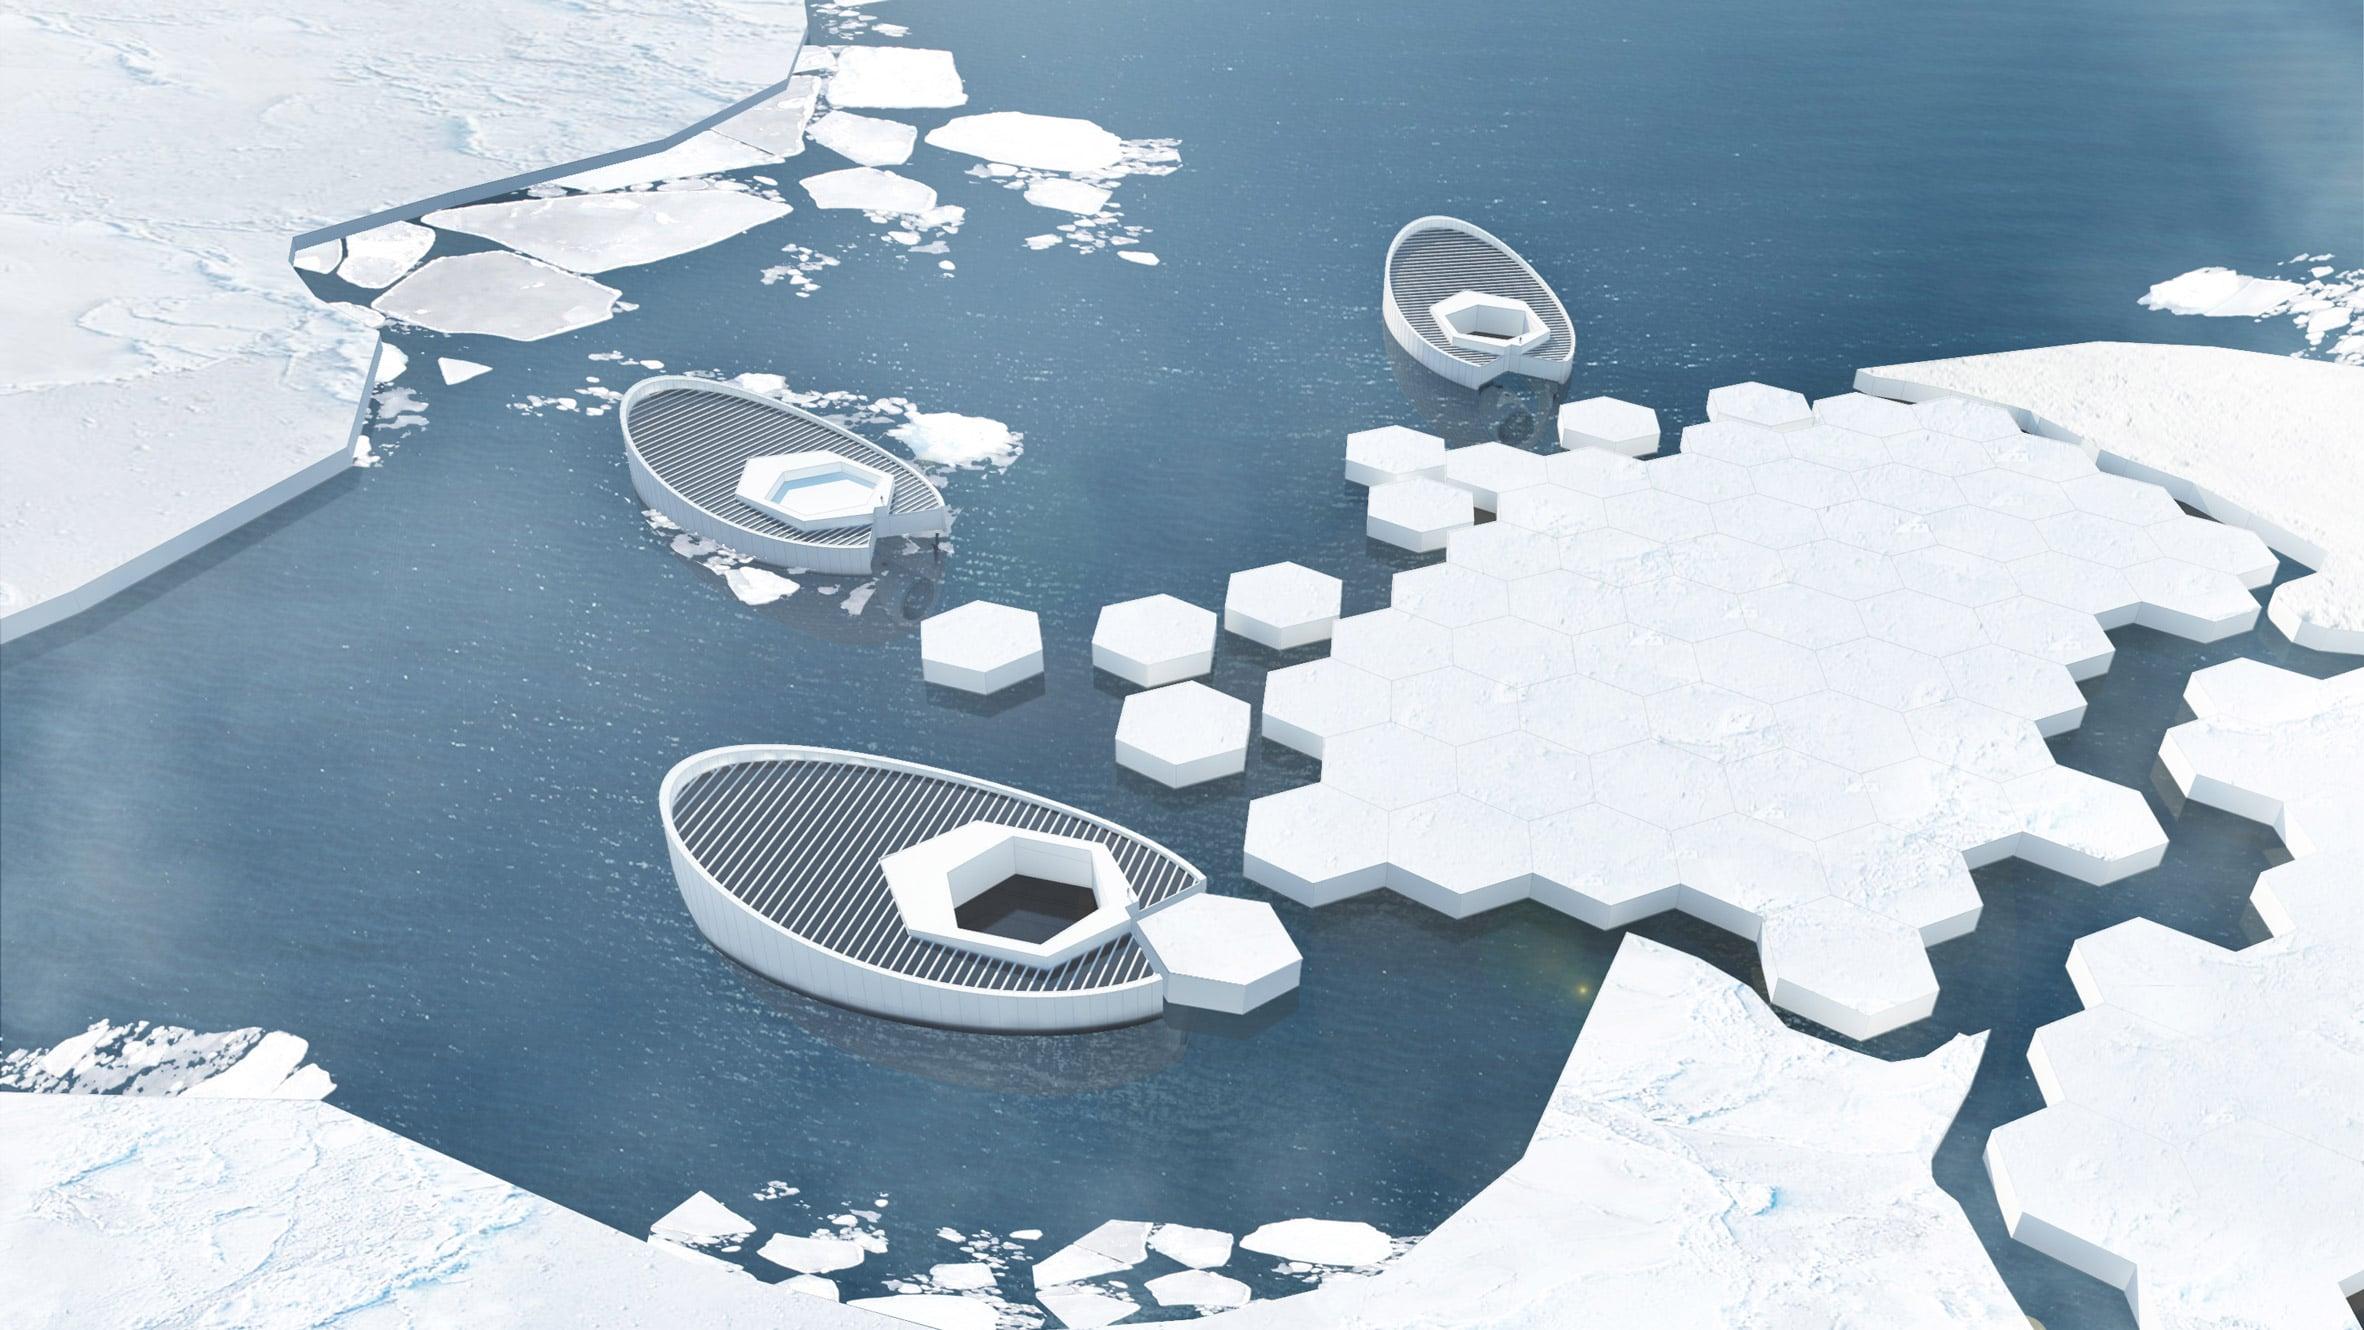 Küresel ısınmayı engelleyebilmek için buz kütleleri oluşturacak bir araç tasarlandı